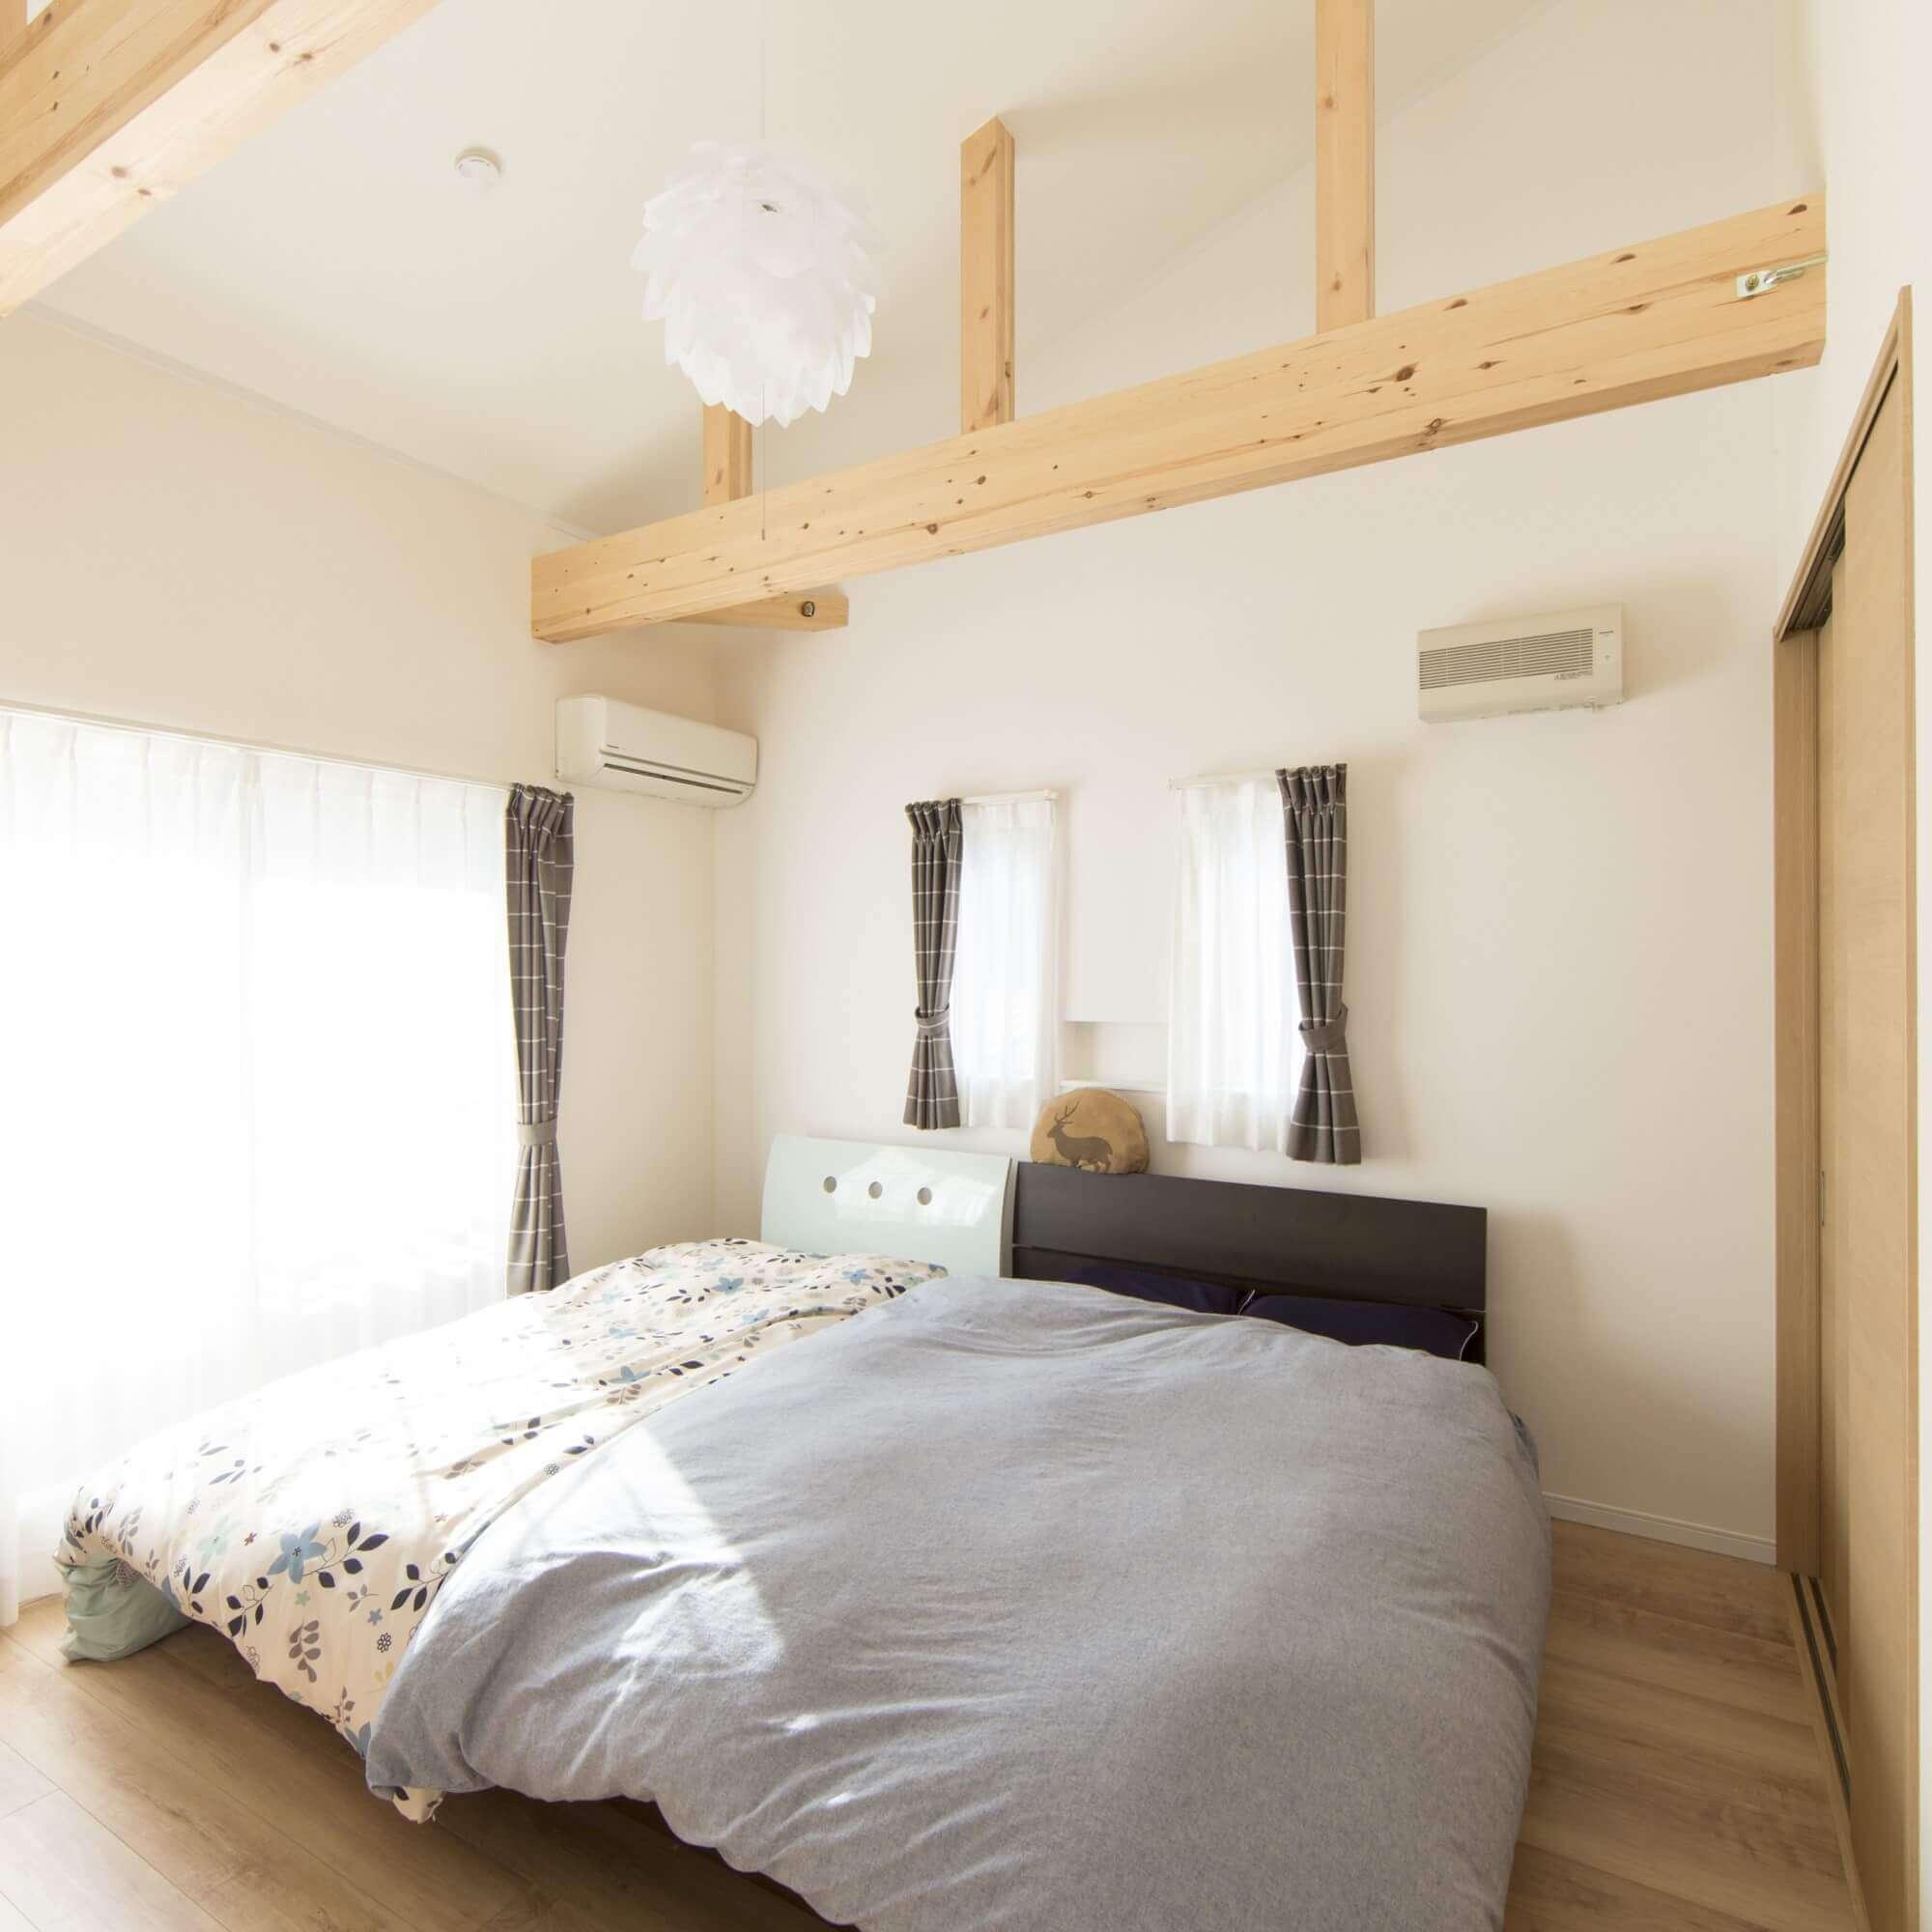 鹿沼市の注文住宅事例 寝室